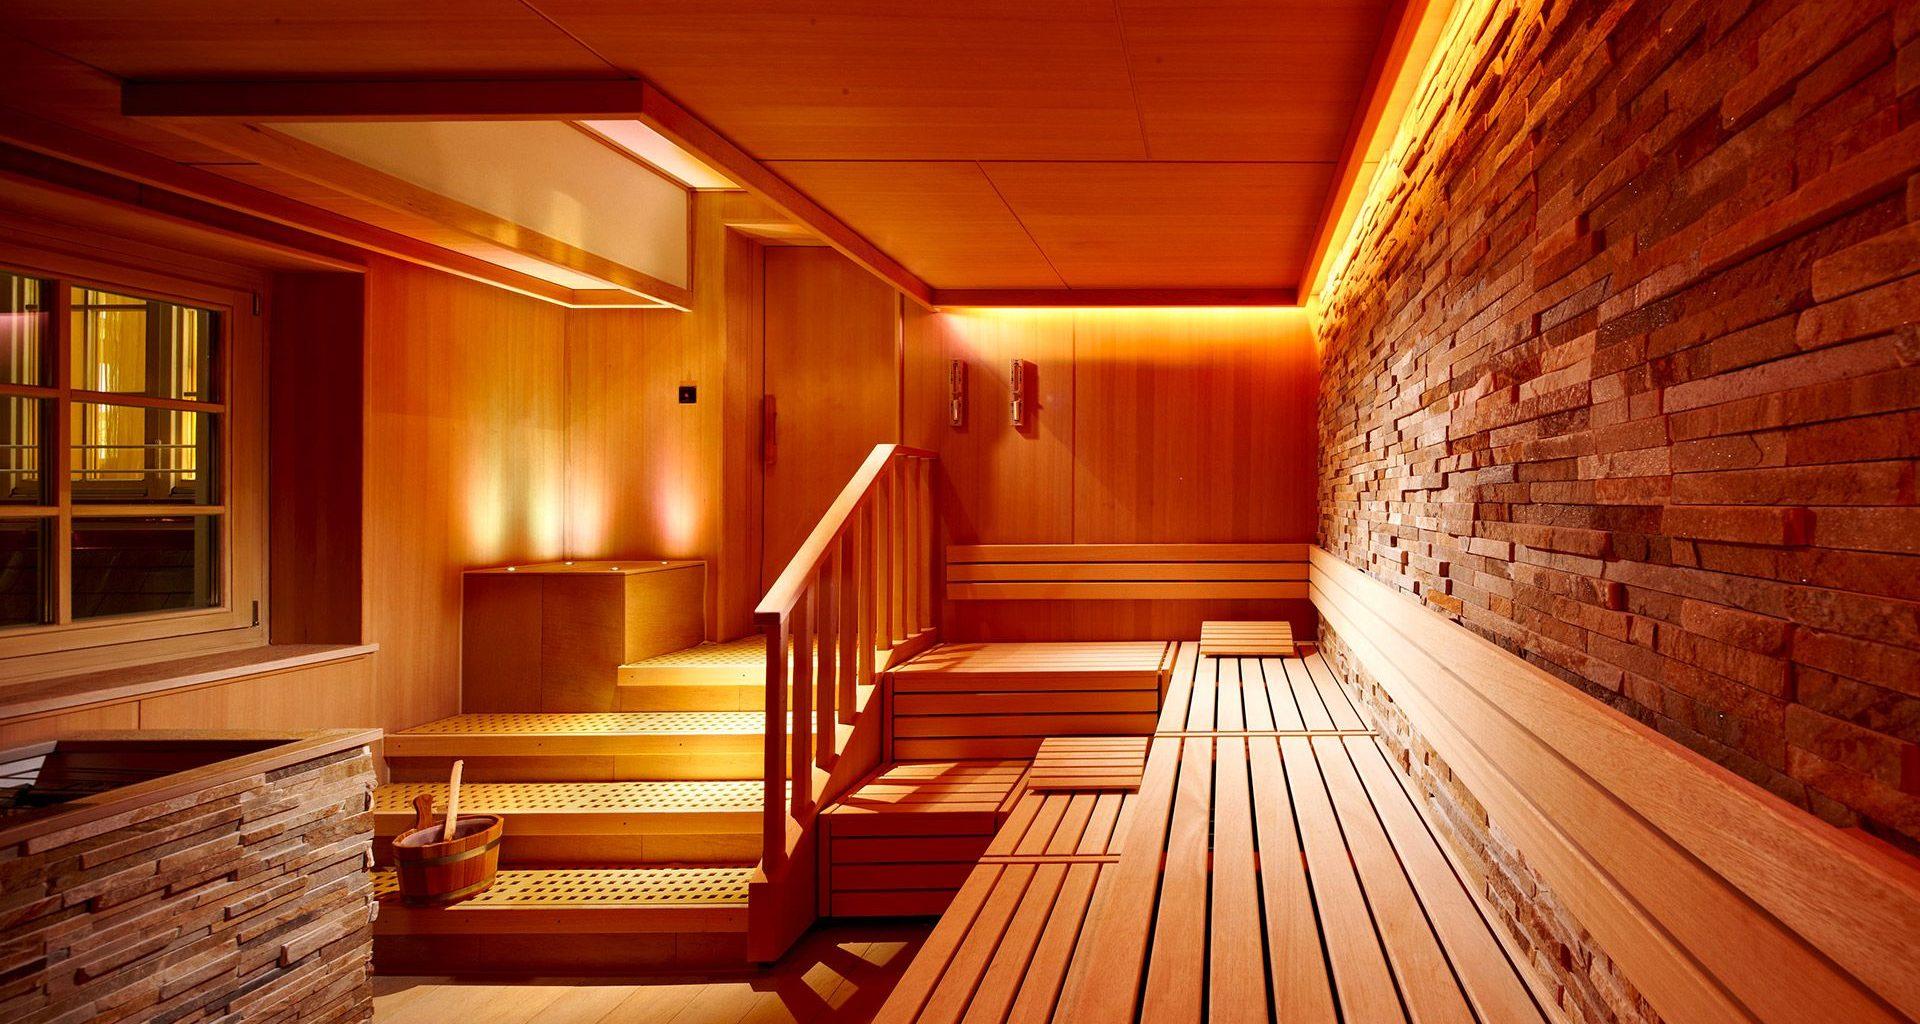 Утепление пола в бане: материалы, схемы, технологии